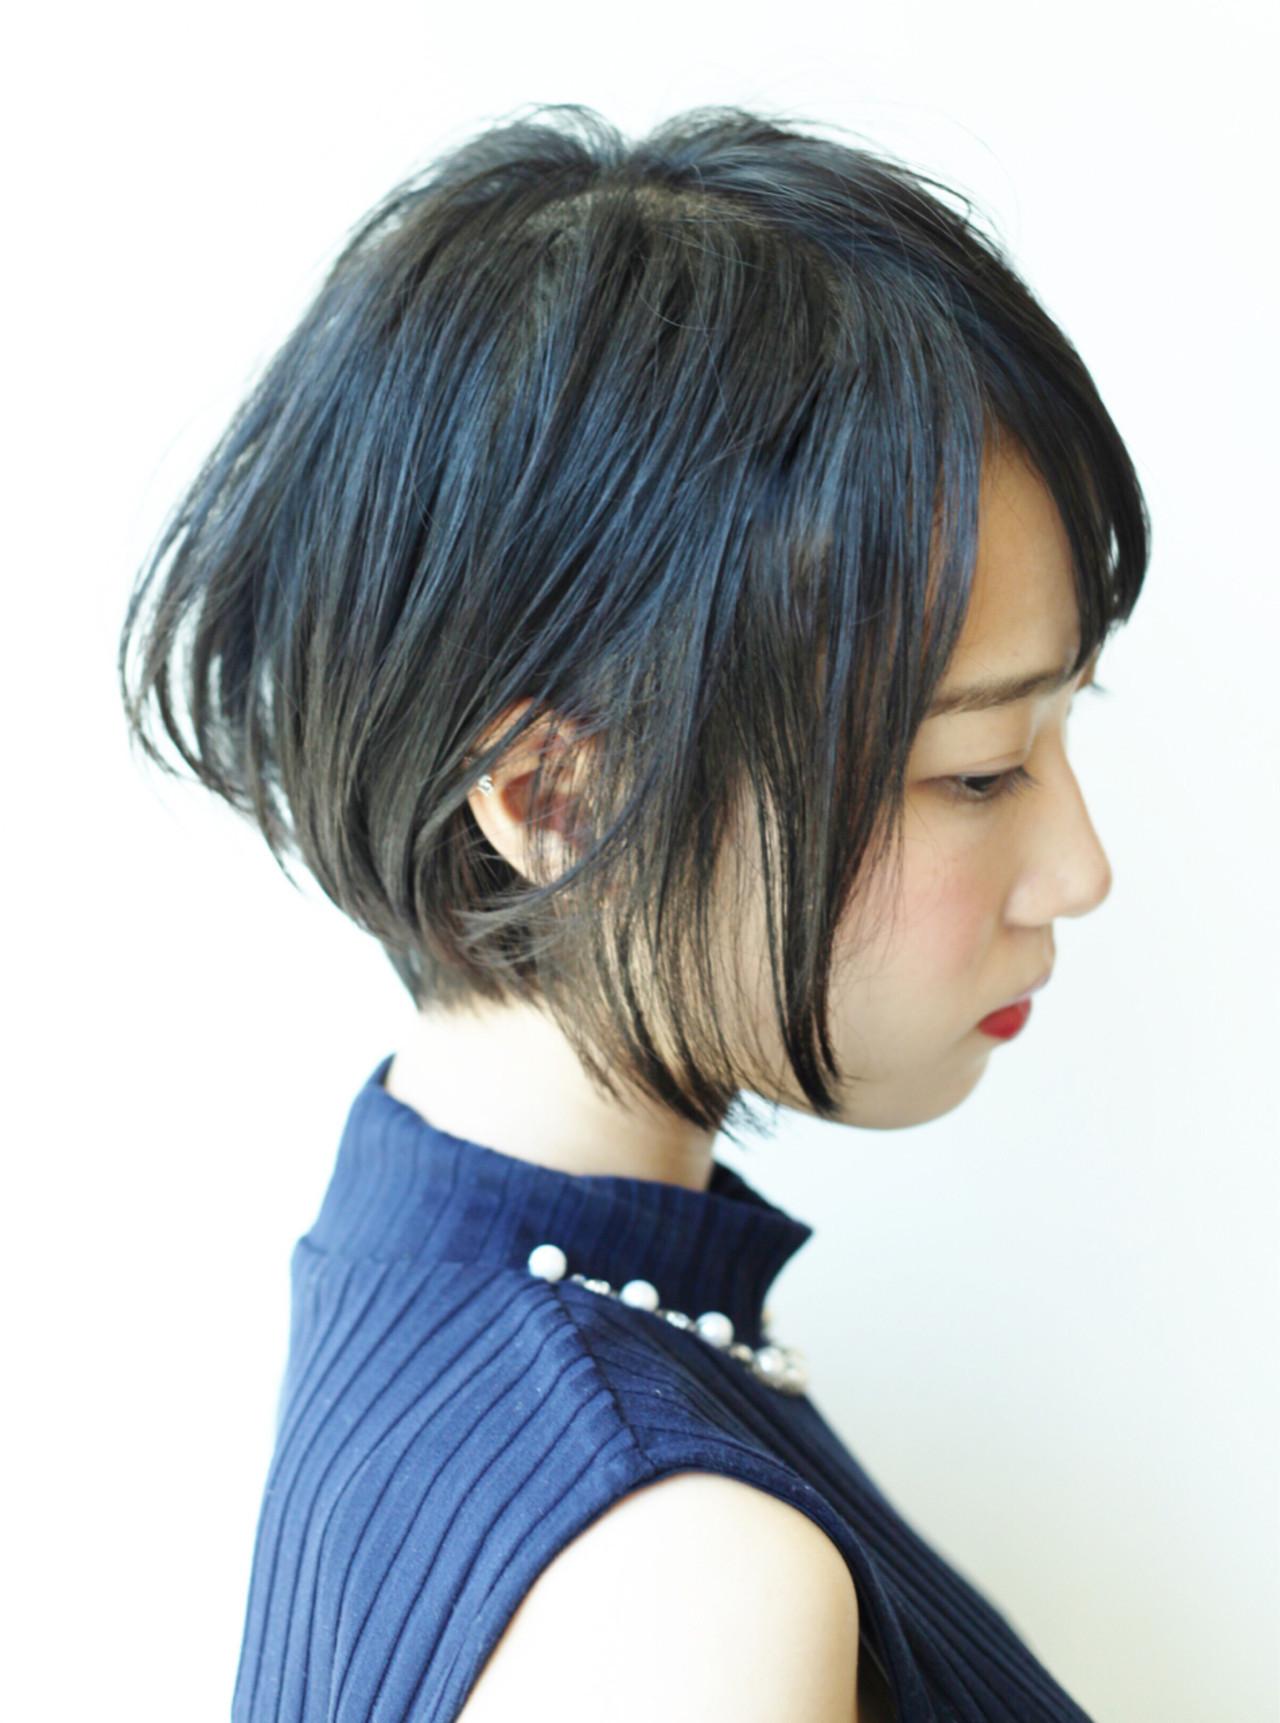 大人かわいい♪前下がりでシルエット美人に☆ Hiroki Sakuma【morio原宿】